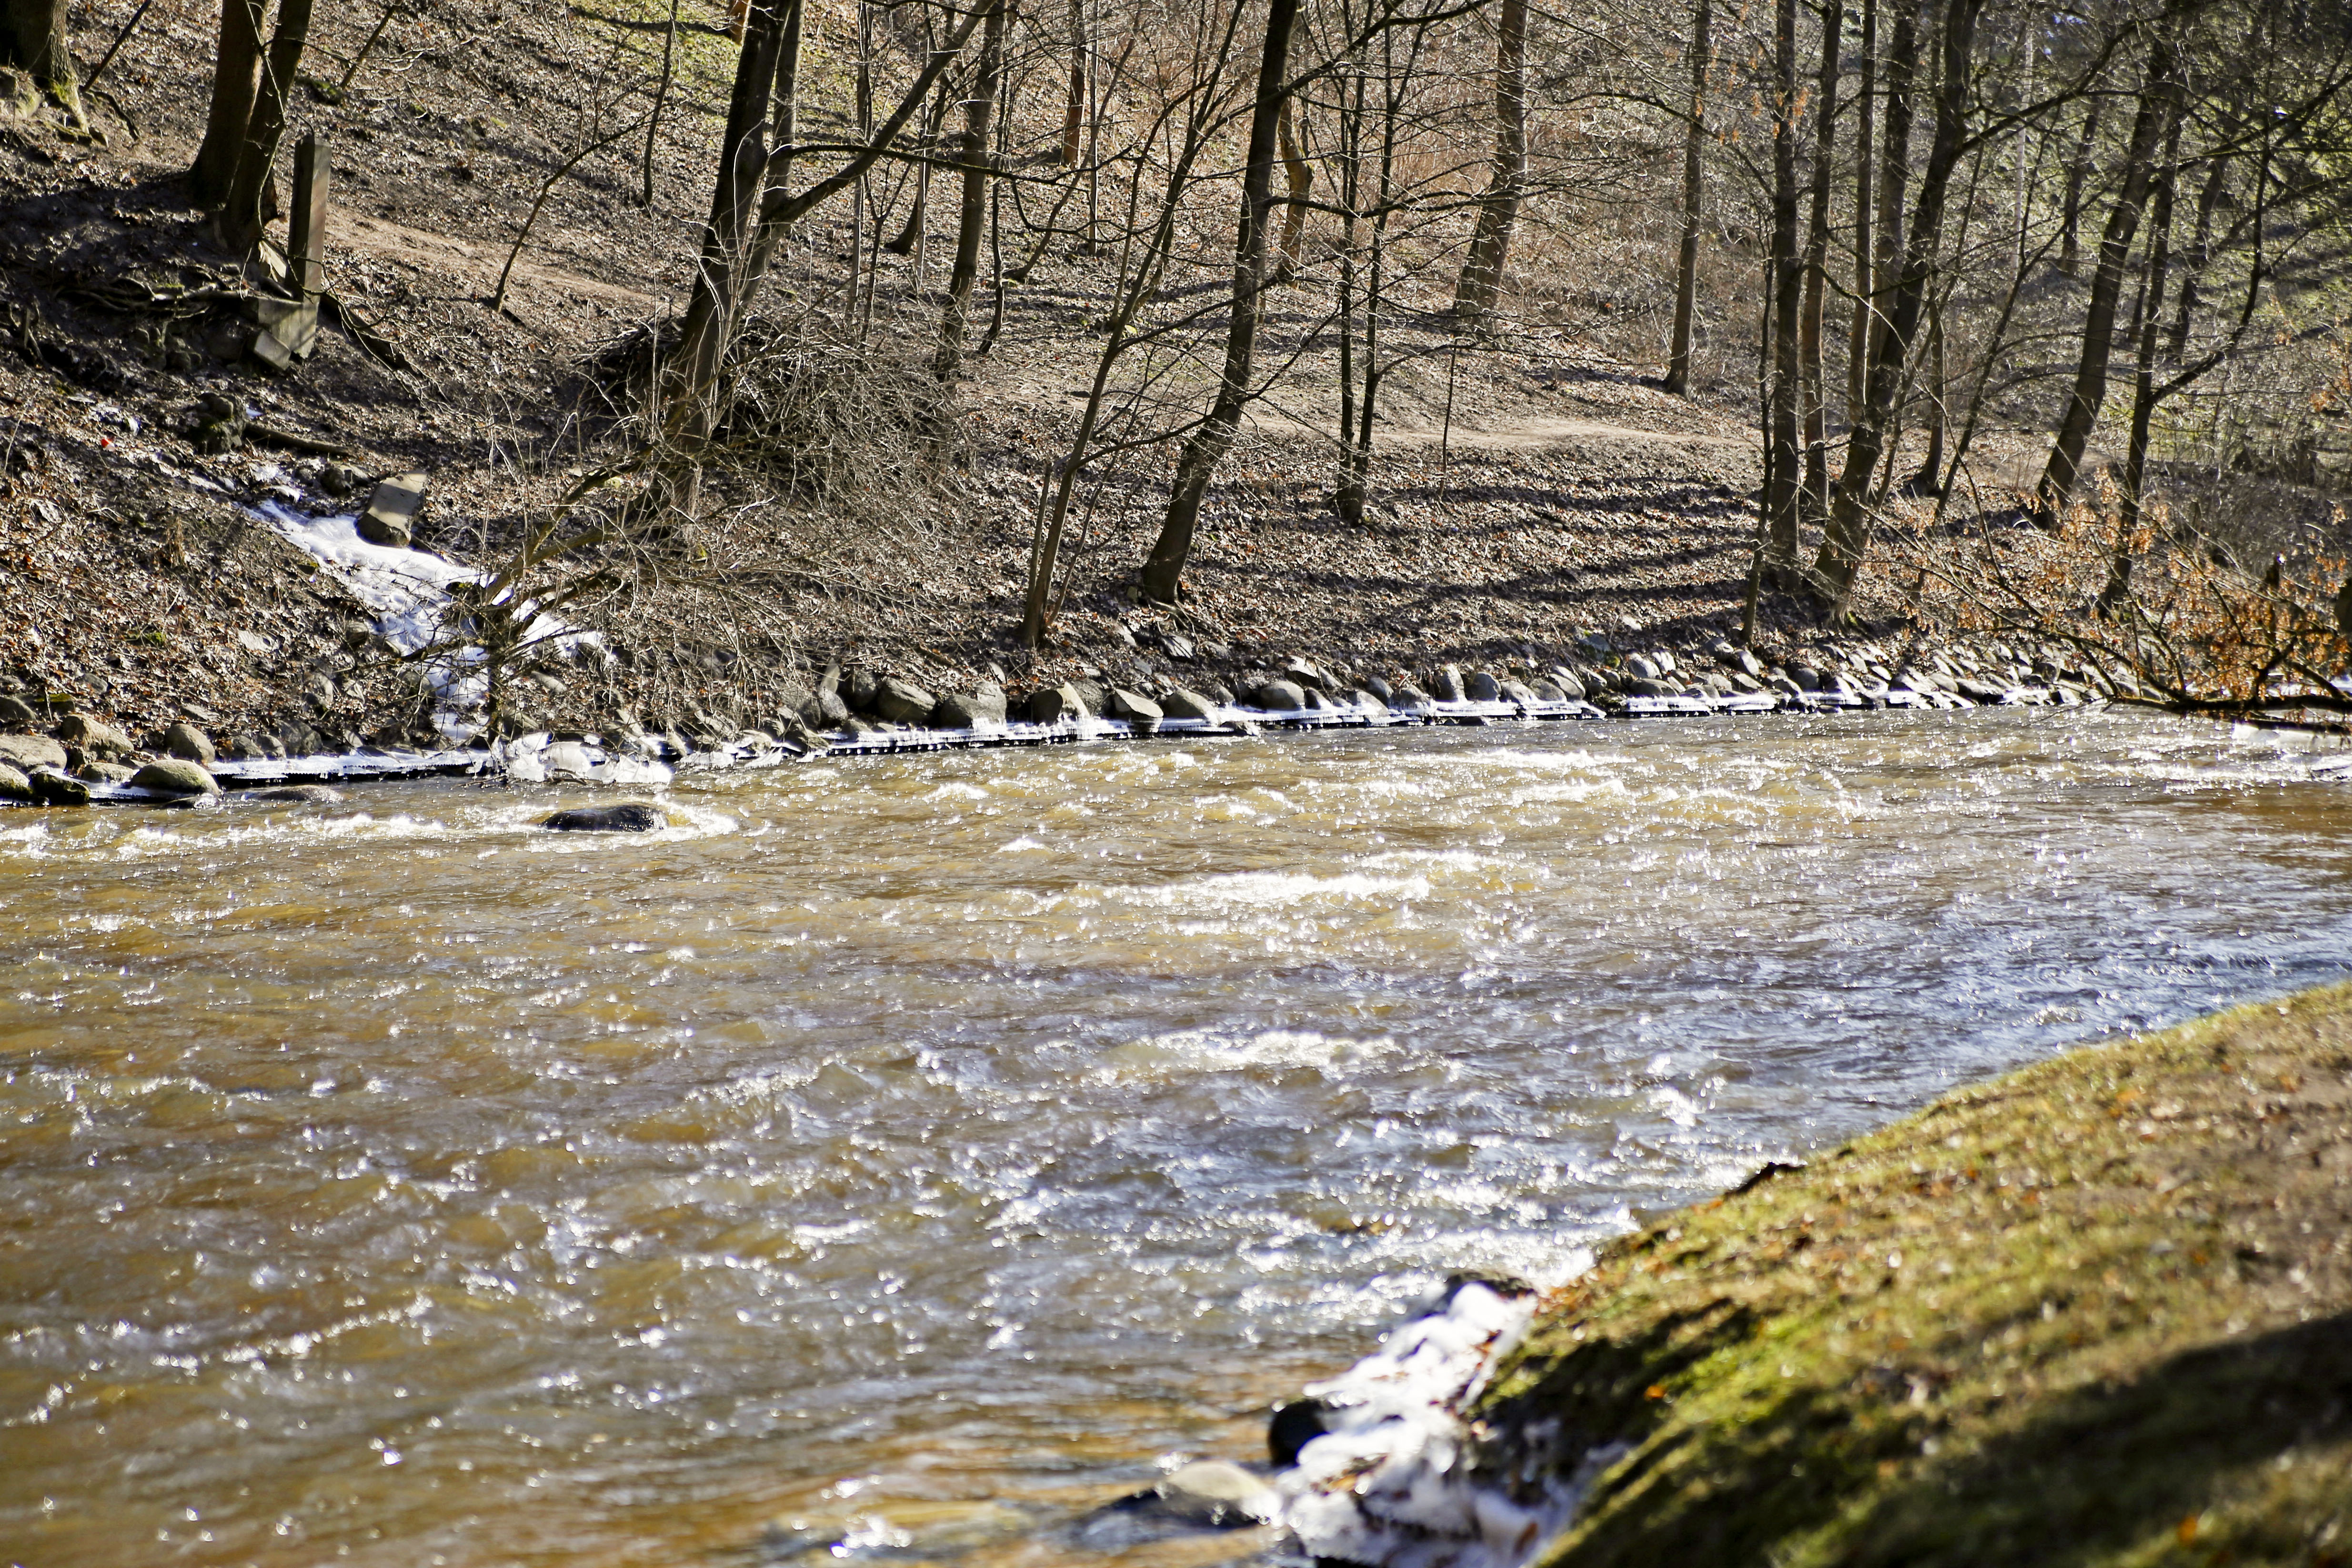 Šilumos išsiilgęs miestas – nuo ramių parko praeivių, sustojančių bent sekundę pasišildyti, saulės spinduliuose besimaudančių šunų ir šaltame vandenyje besiturškiančių ančių. Geltonos spalvos atspalviais nudažomas miestas atgyja akimirksniu. Paukščių klegesys, garsesnis upės čiurlenimas, praeivių juokas, gyvesni medžiai ir gausėjantis dviratininkų būrys.